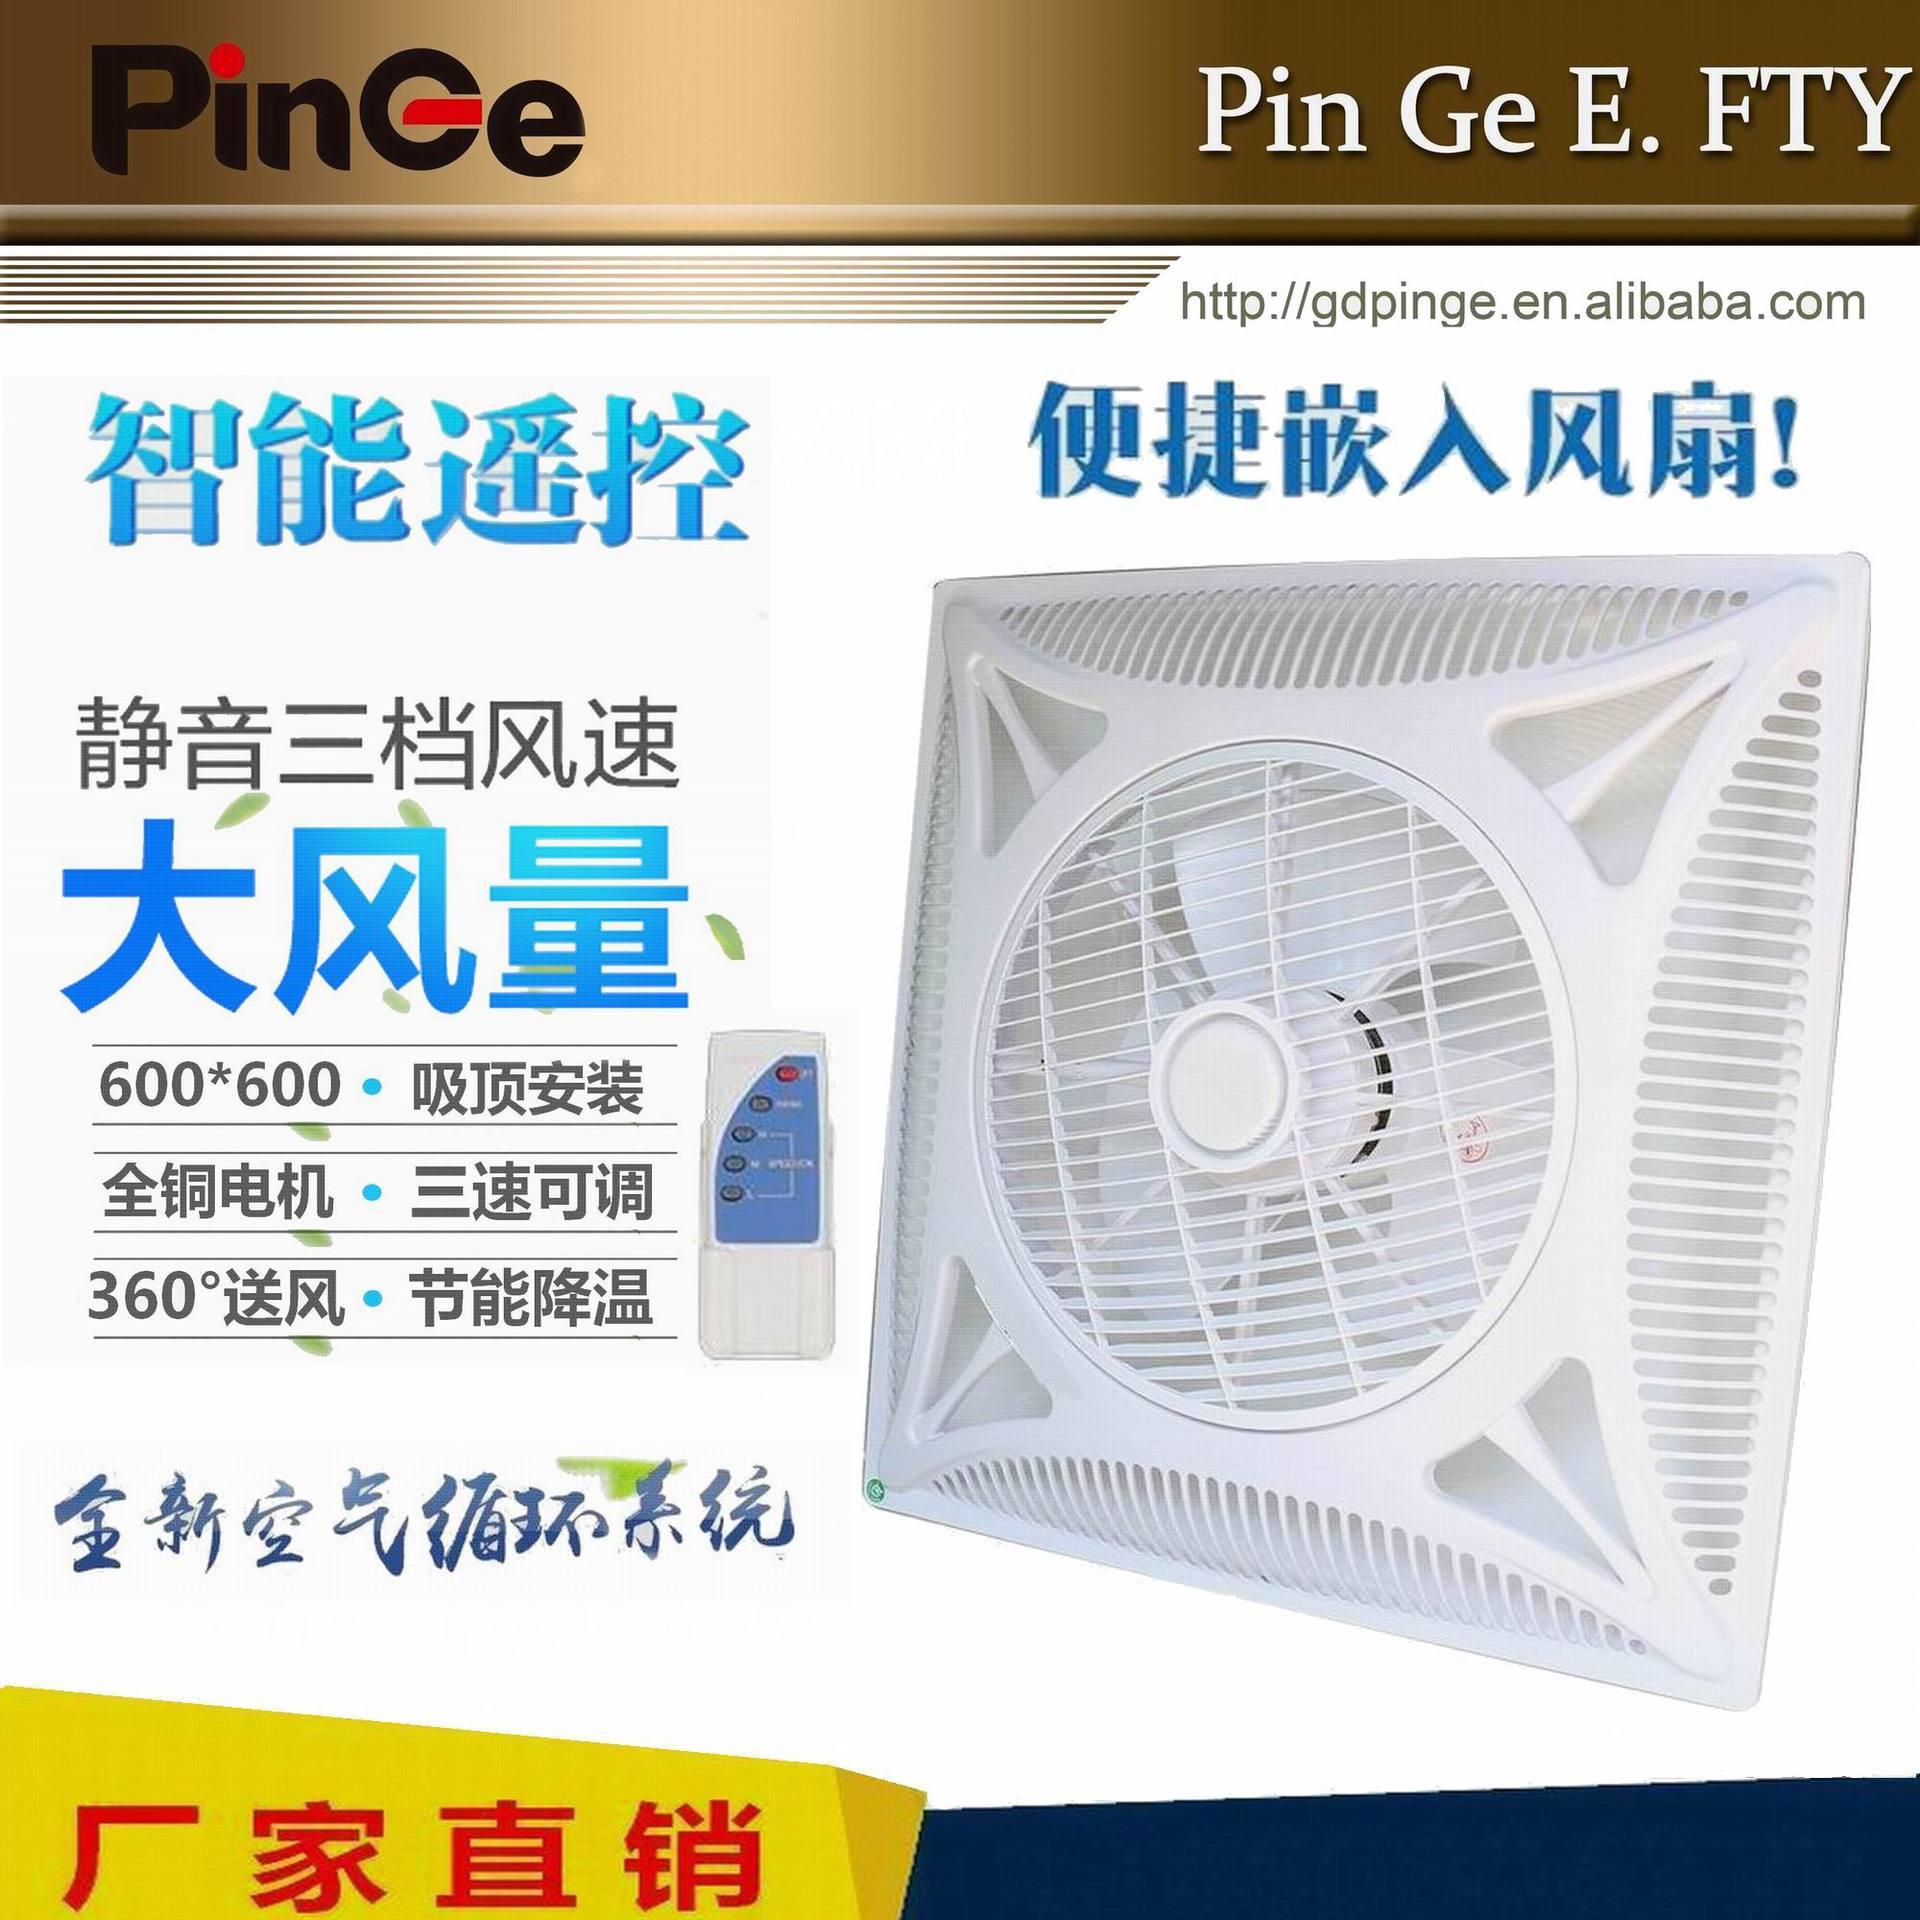 600*600mm集成吊顶风扇嵌入式石膏板天花吸顶吊扇遥控电风扇商用